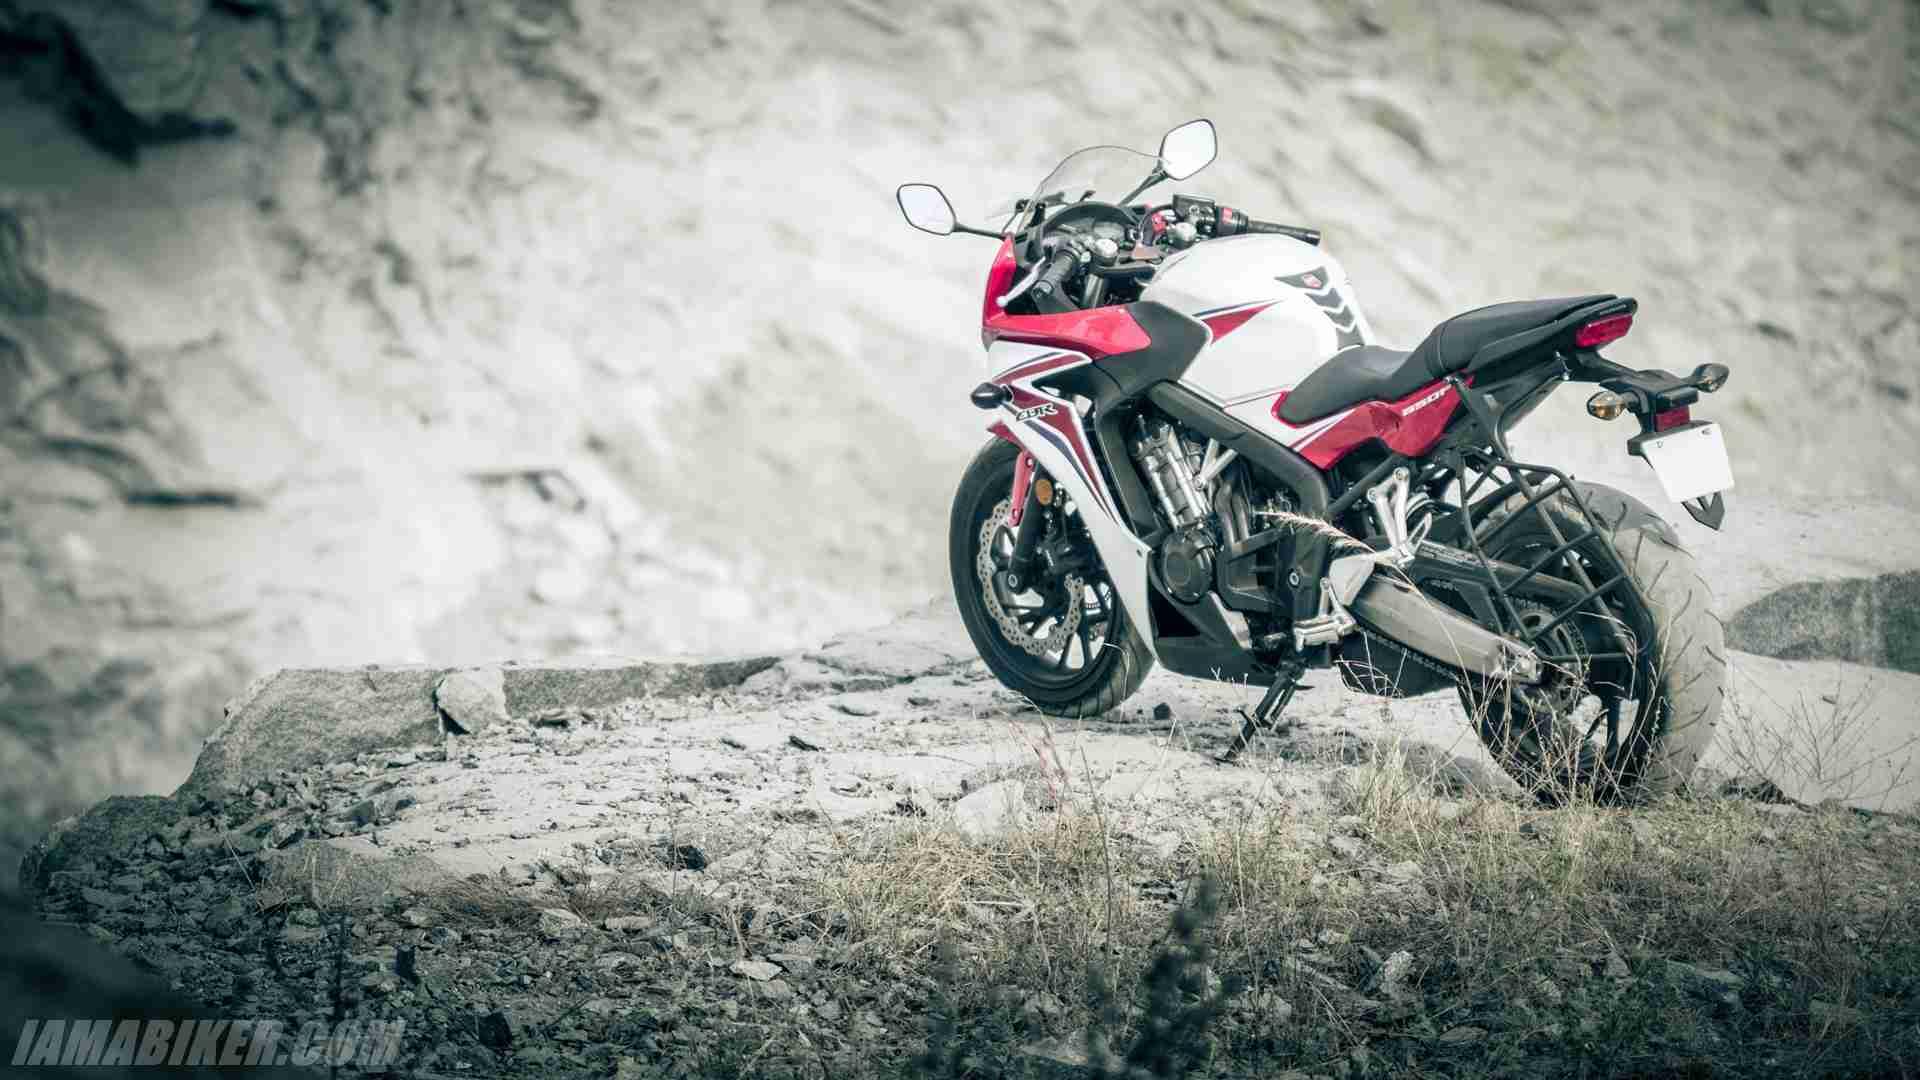 Honda Cbr Motorcycle 4k Hd Desktop Wallpaper For 4k Ultra: Honda CBR650F HD Wallpapers